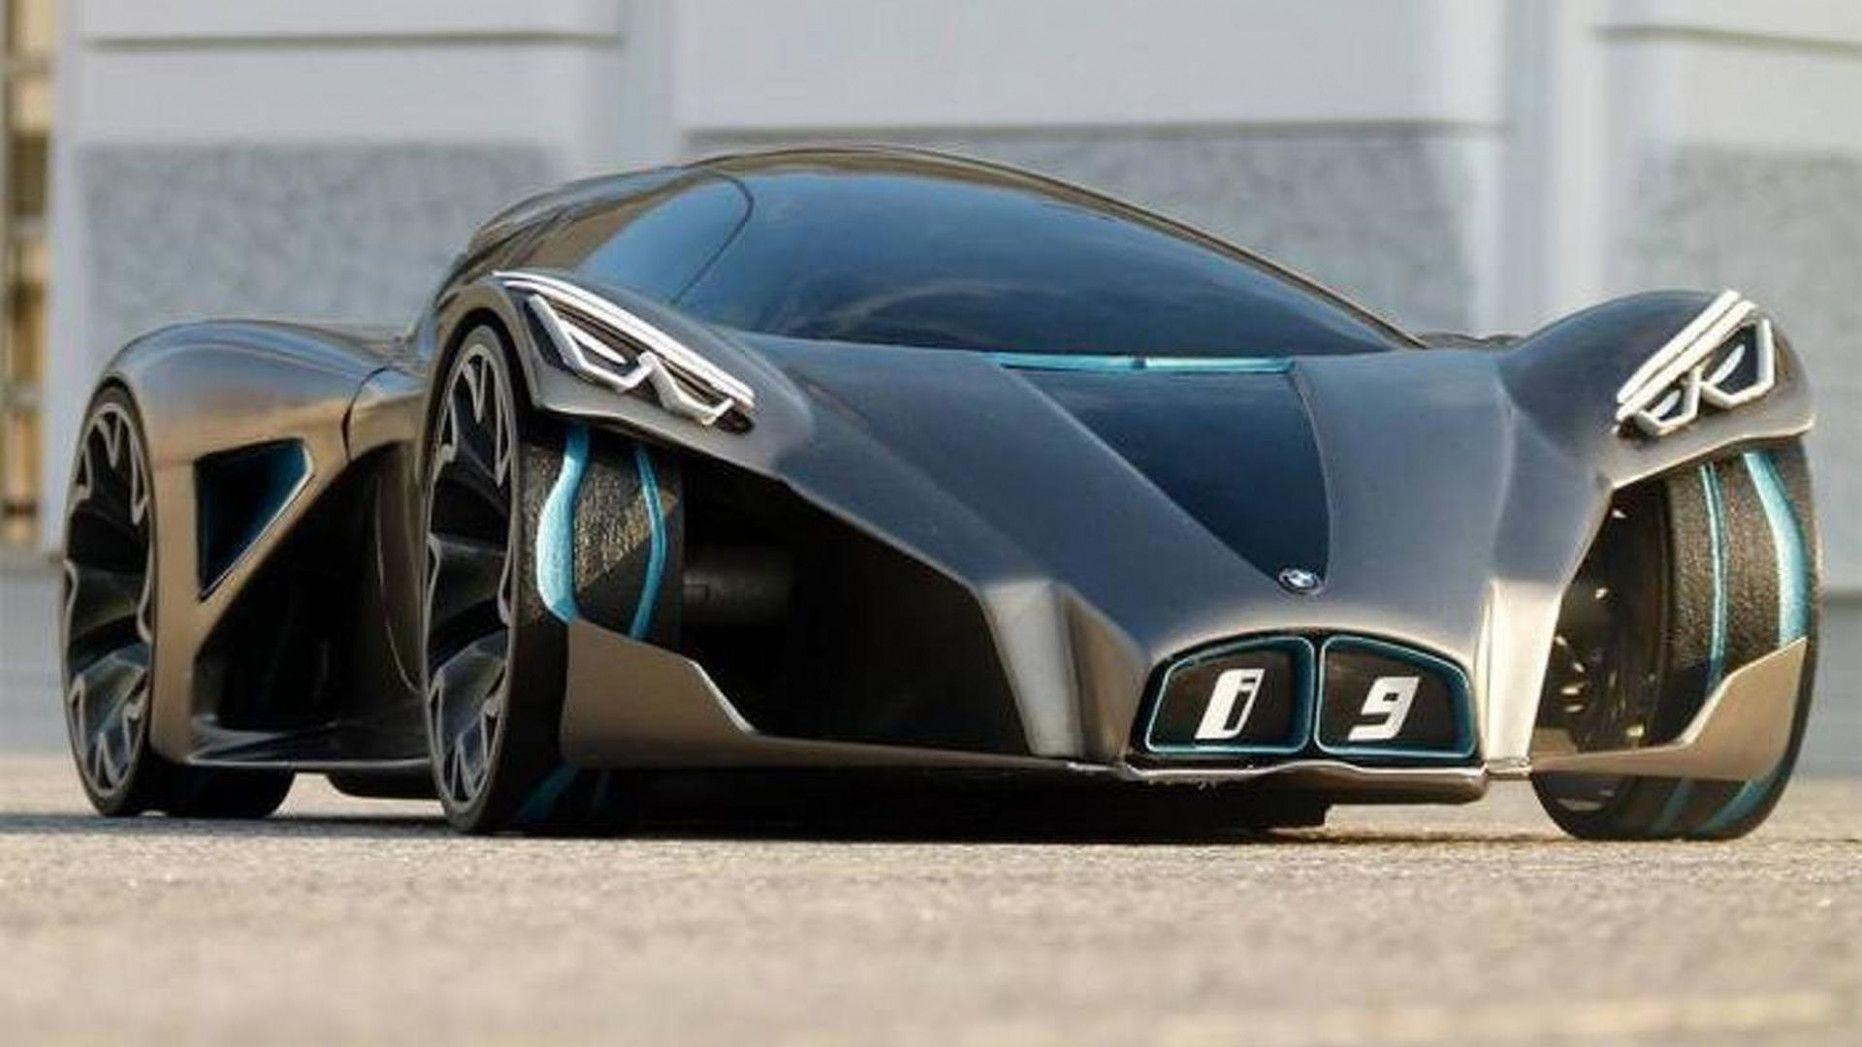 2020 Bmw I9 In 2020 Bmw Bmw Supercar Ferrari F80